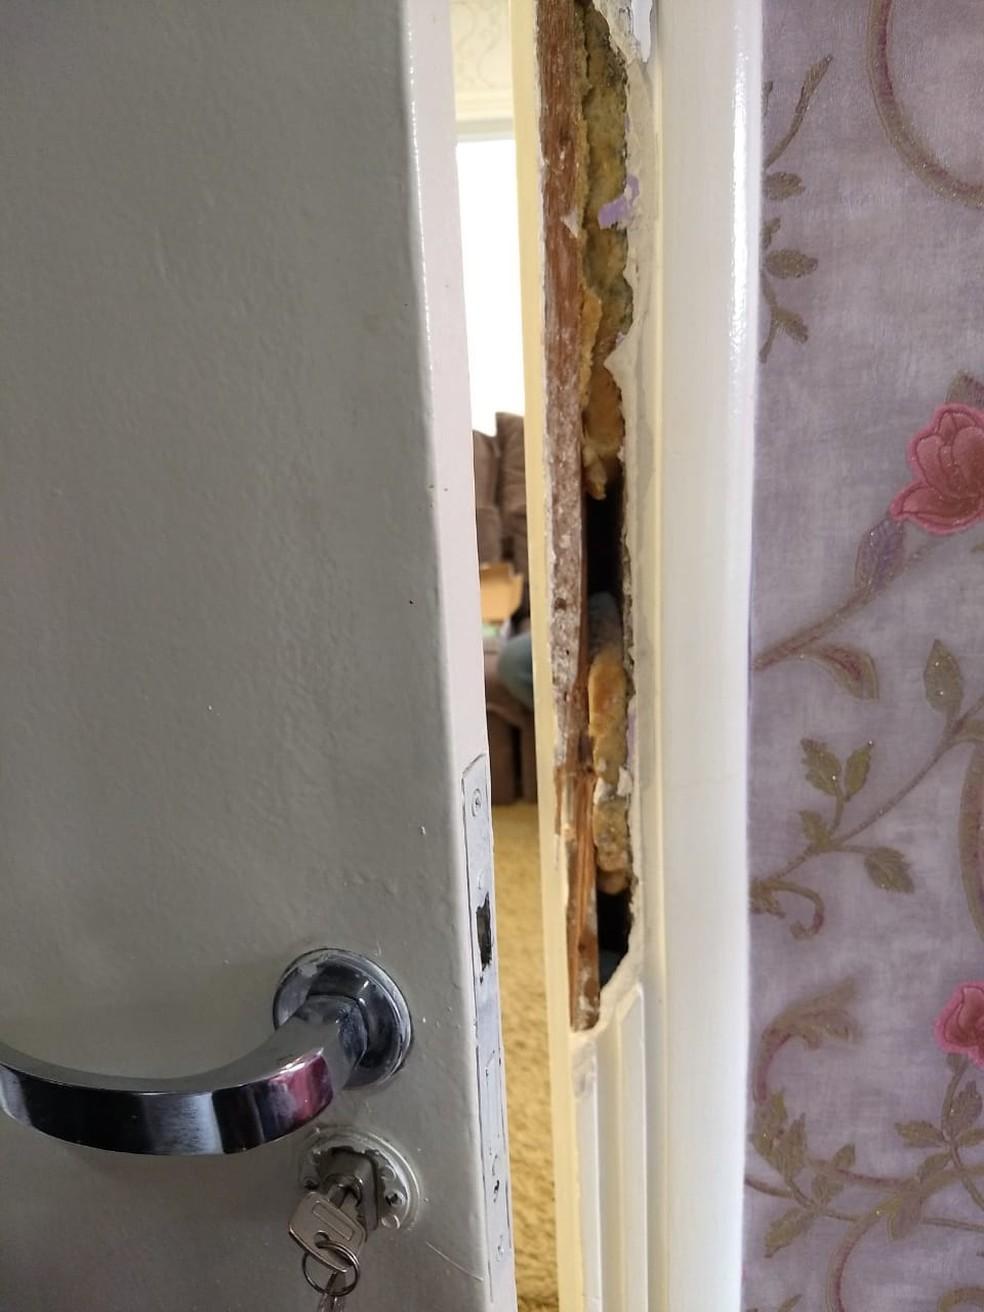 Segundo a polícia, porta do quarto de Cristiana Brittes foi arrombada, mas não é possível dizer quando arrombamento aconteceu — Foto: Wilson Kirsche/RPC